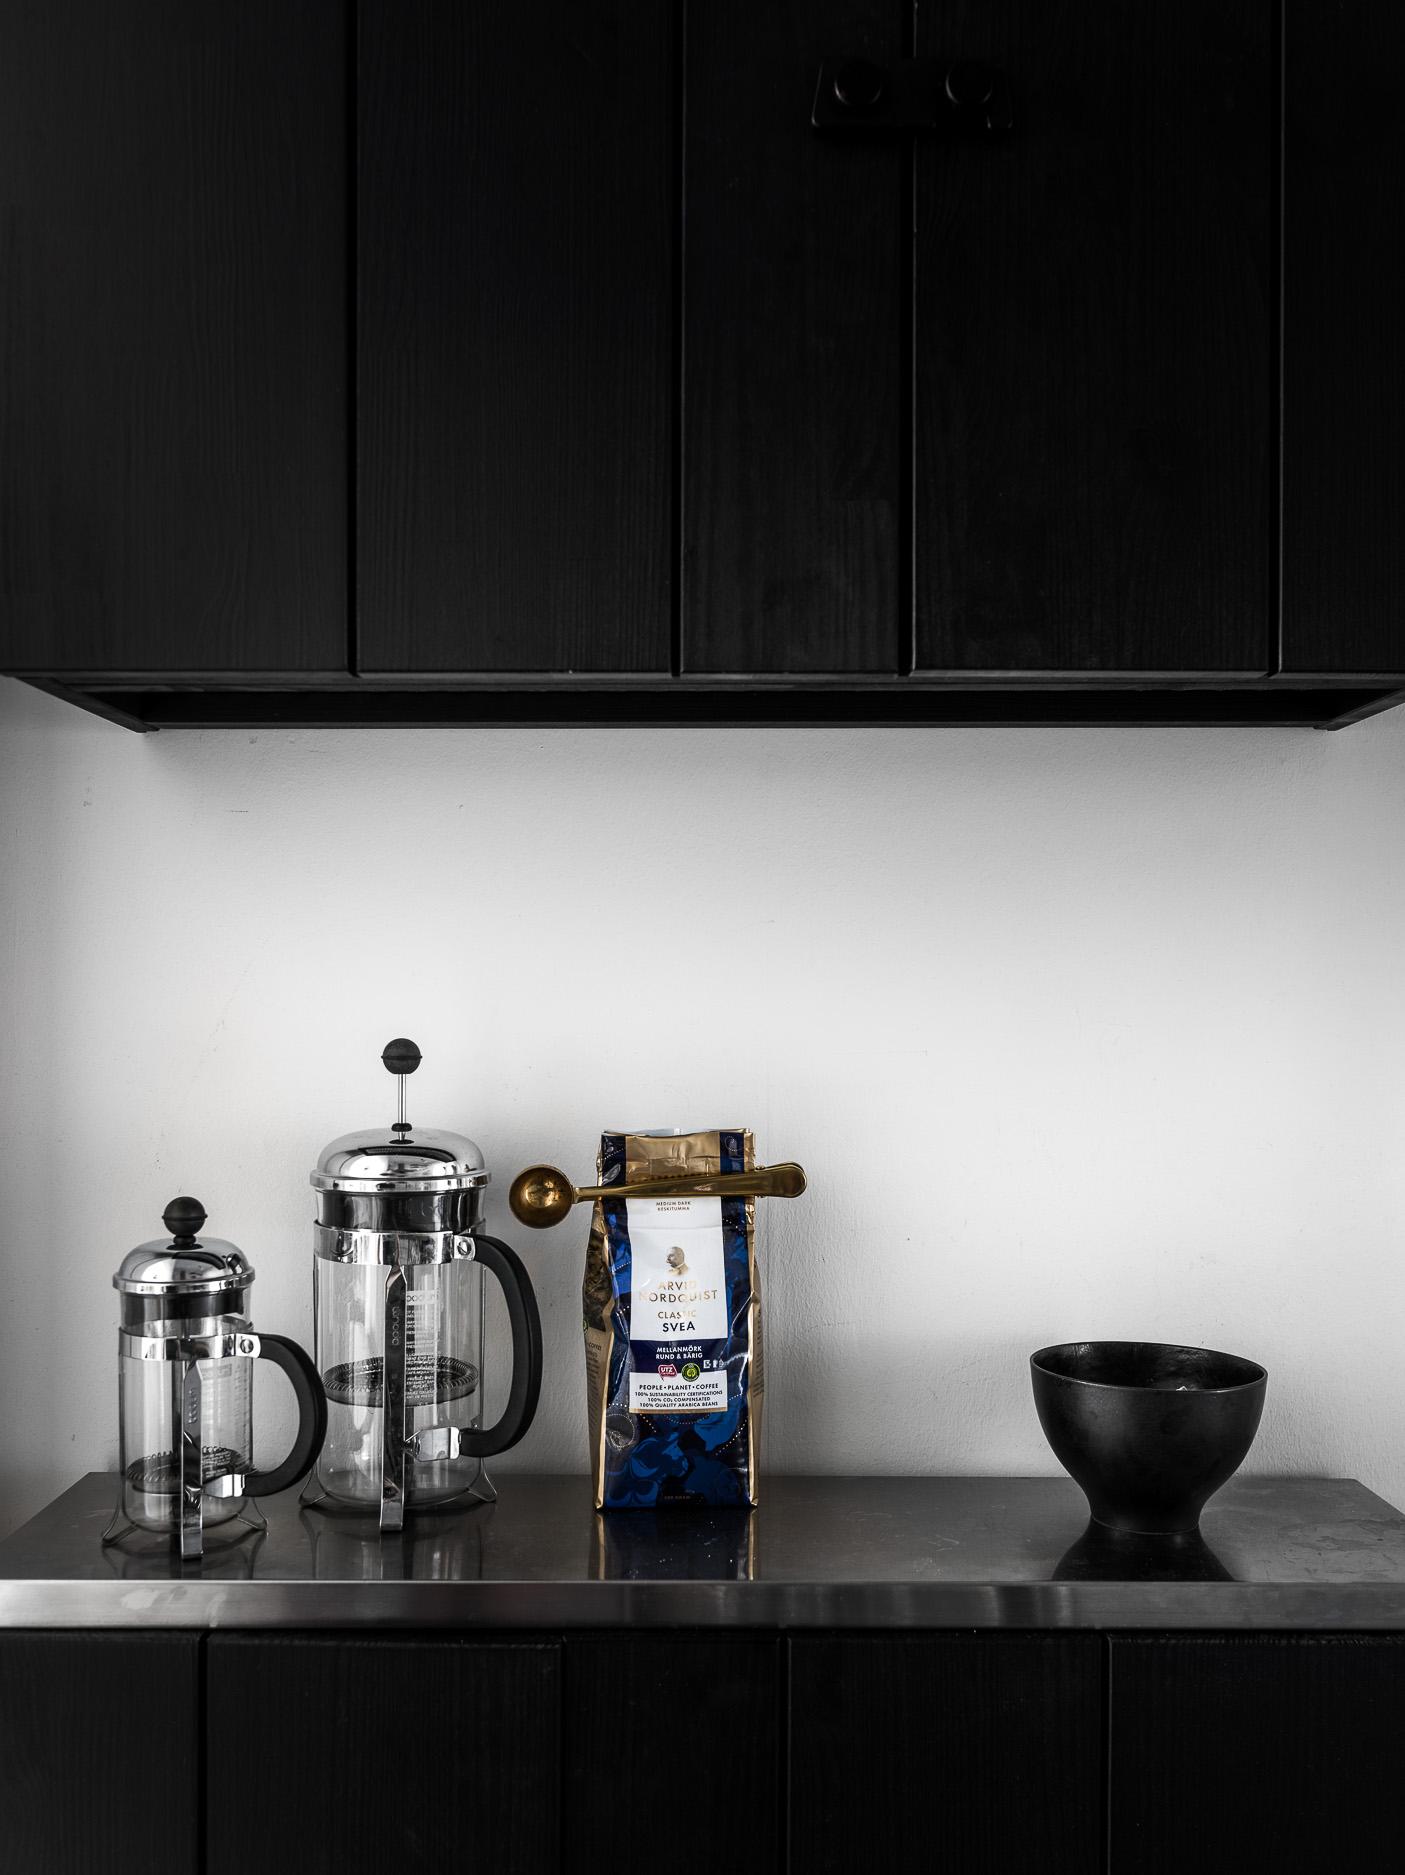 кухонная мебель коричневые фасады кофе пресс